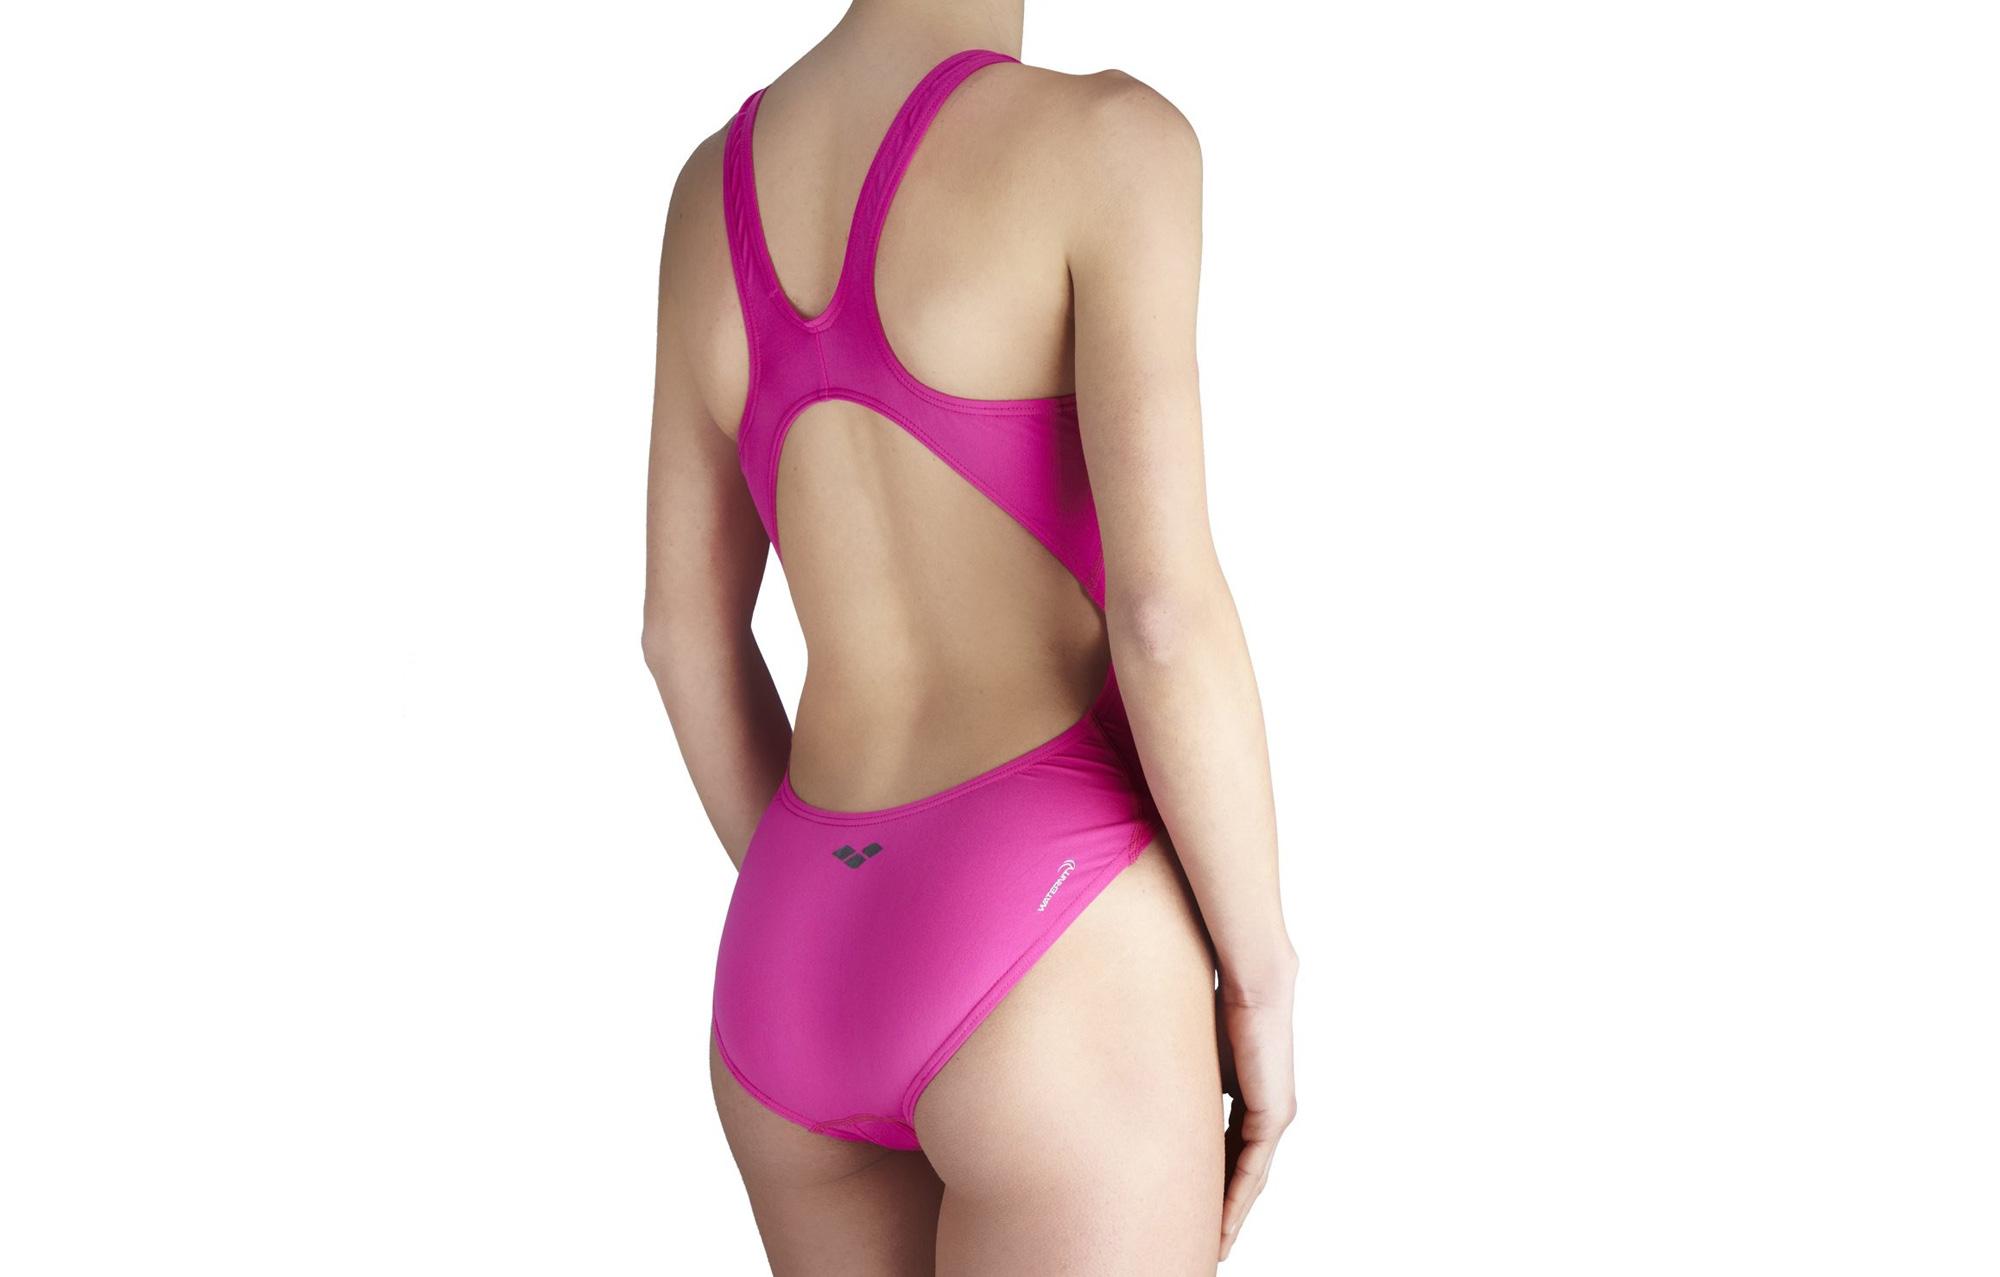 arena maillot de bain femme makinas highrose violet. Black Bedroom Furniture Sets. Home Design Ideas